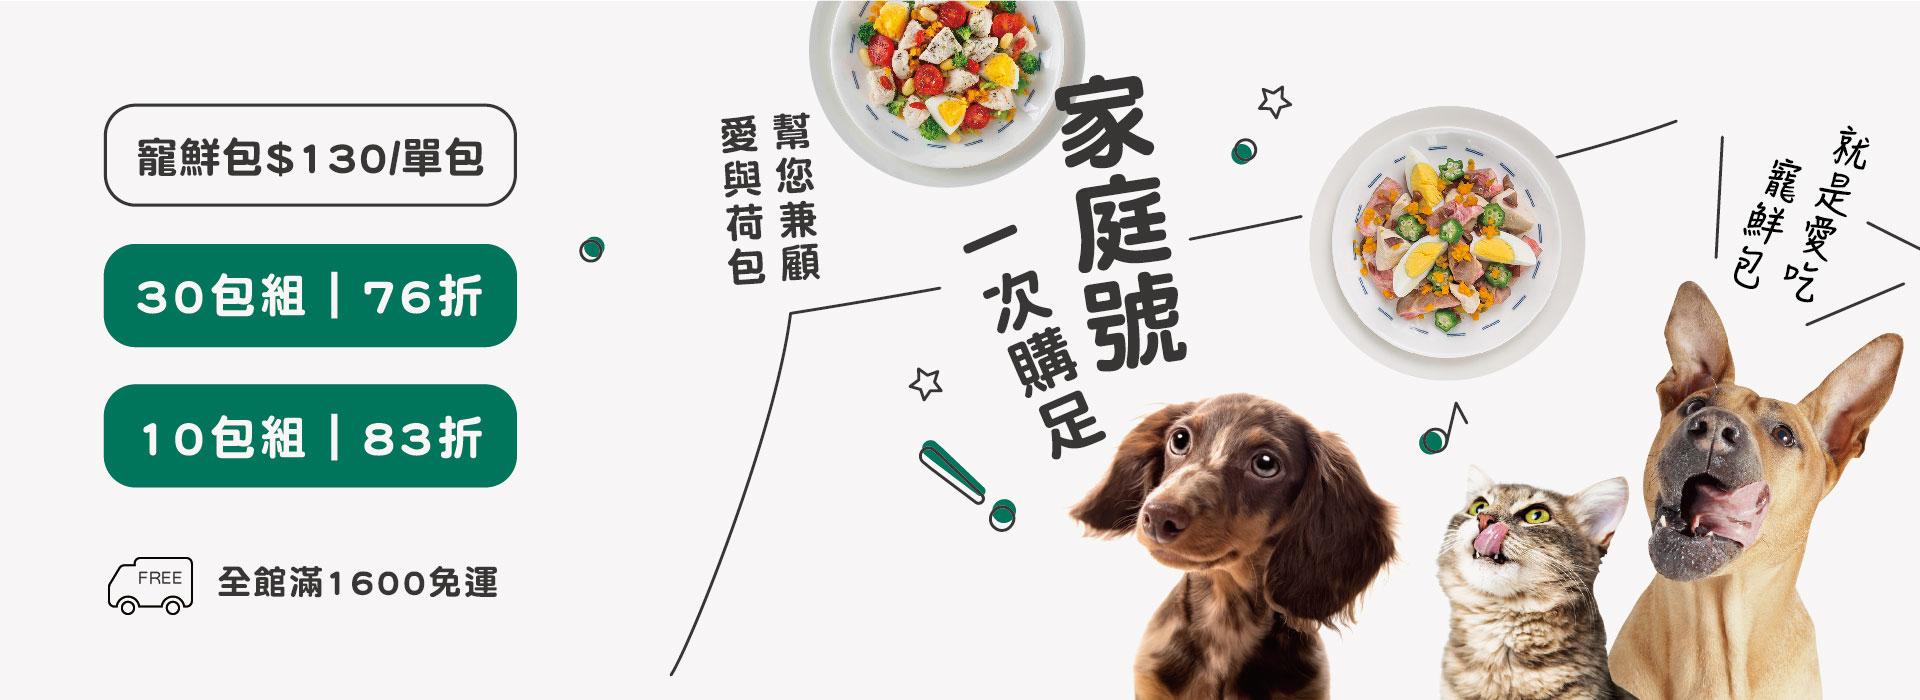 狗狗貓咪鮮食推薦,寵物鮮食包推薦,主食罐推薦,寵物鮮食食譜推薦